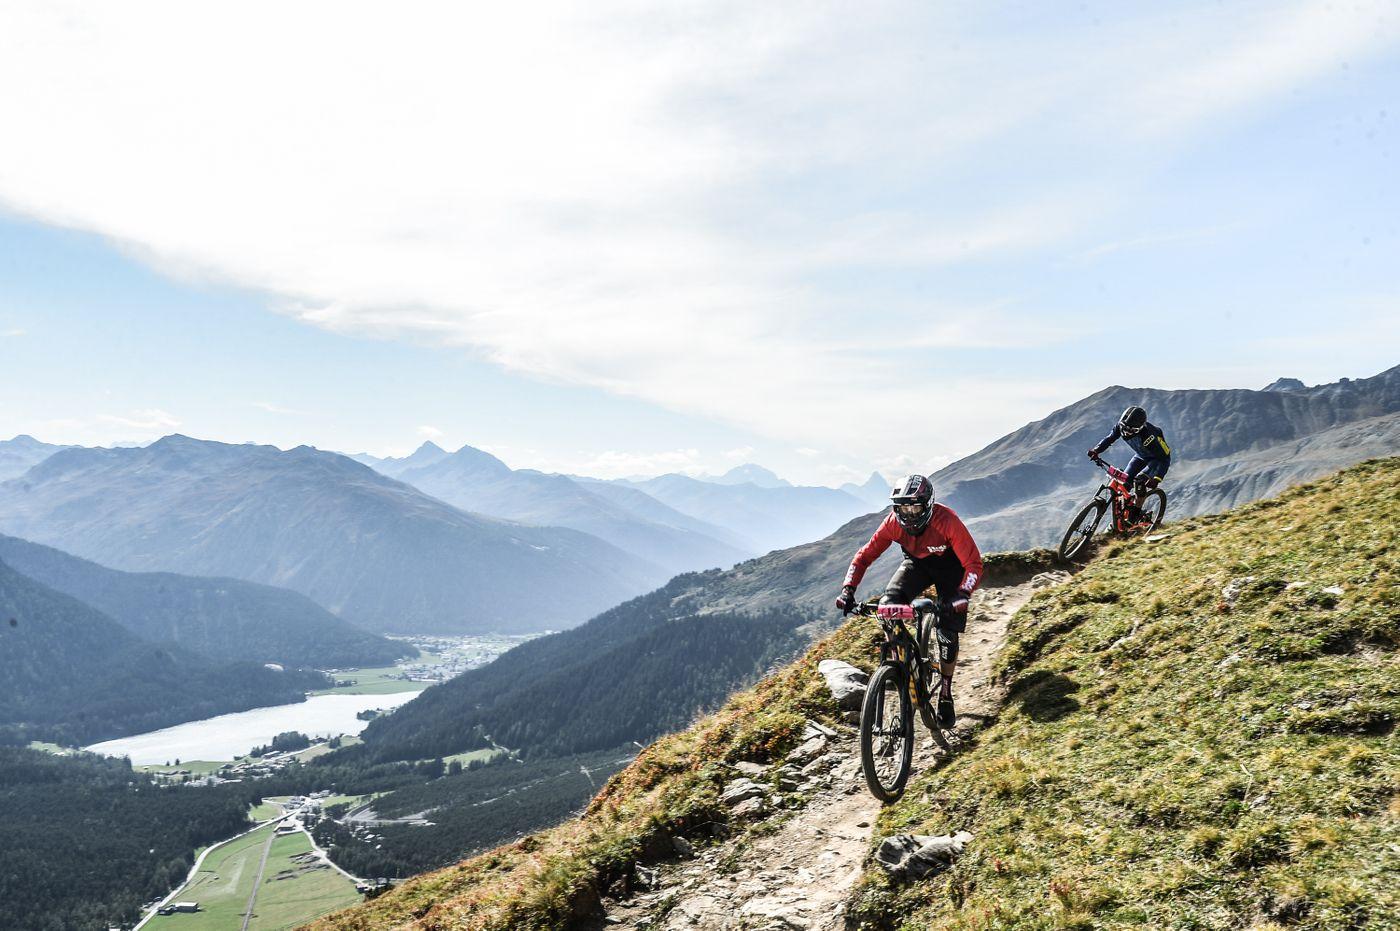 Mondraker-Enduro2-Davos-Klosters